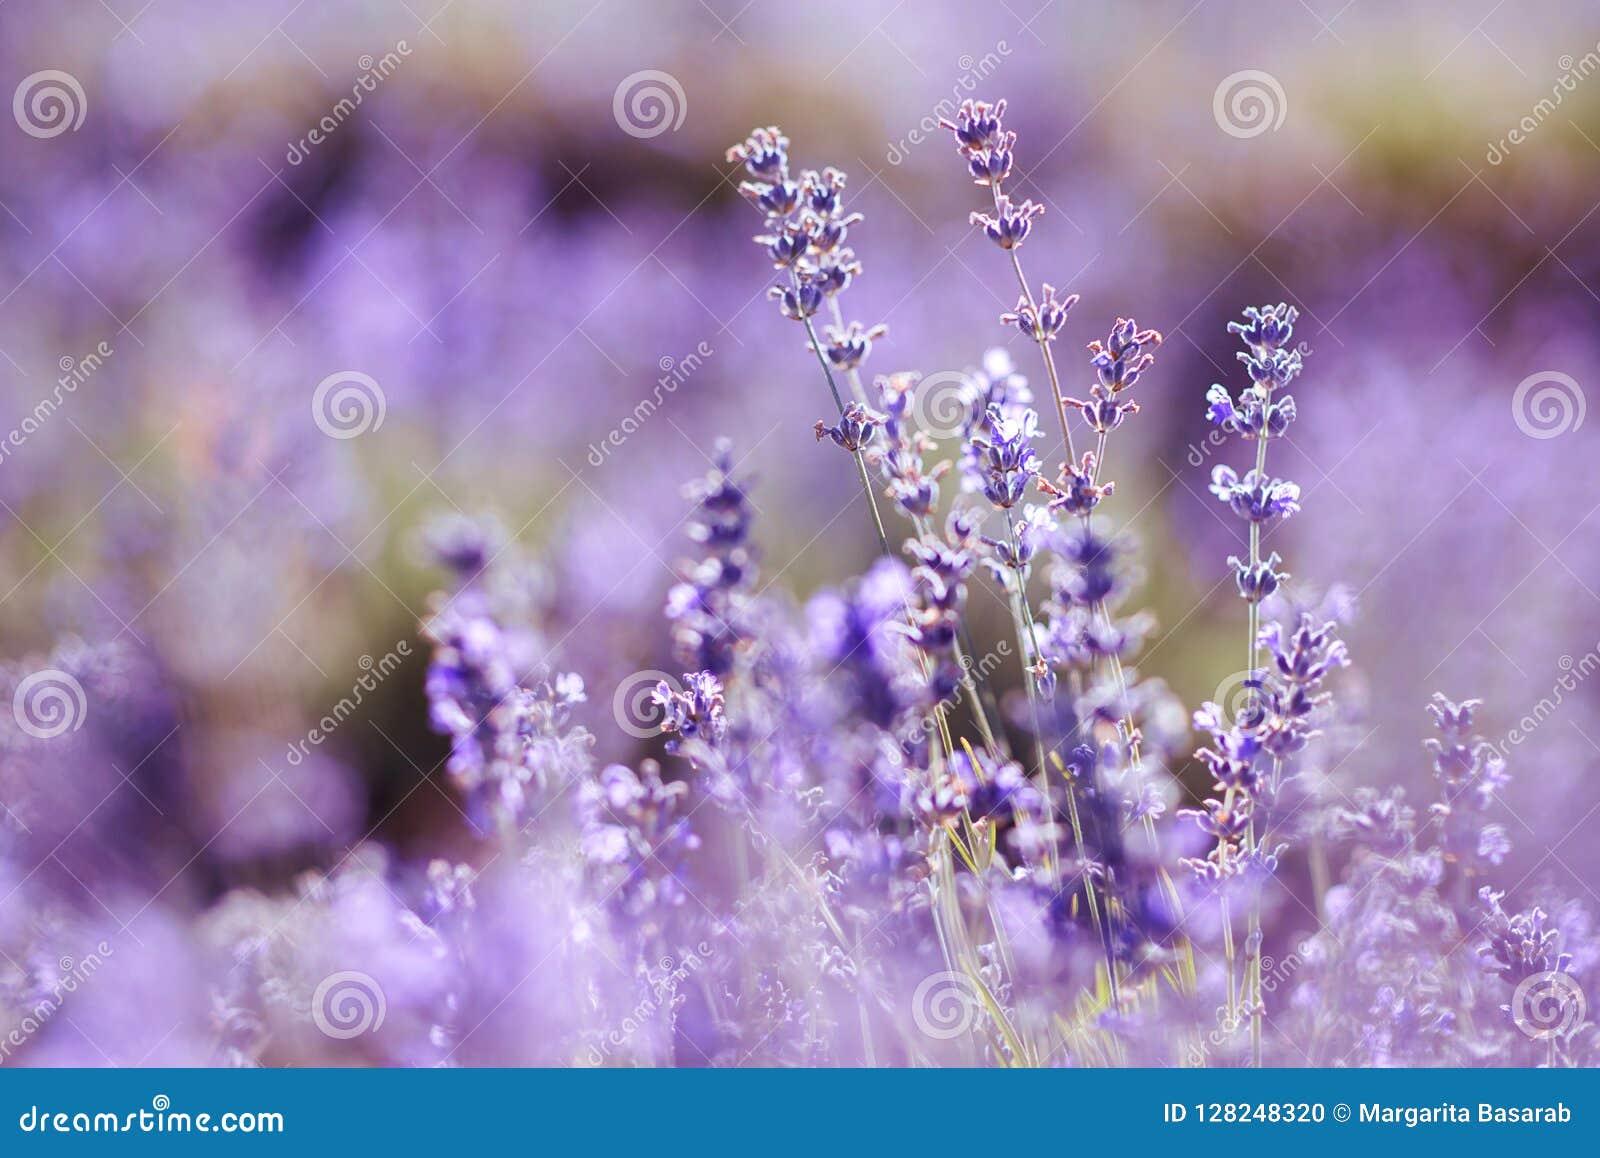 Violettes Lavendelfeld am weichen Lichteffekt